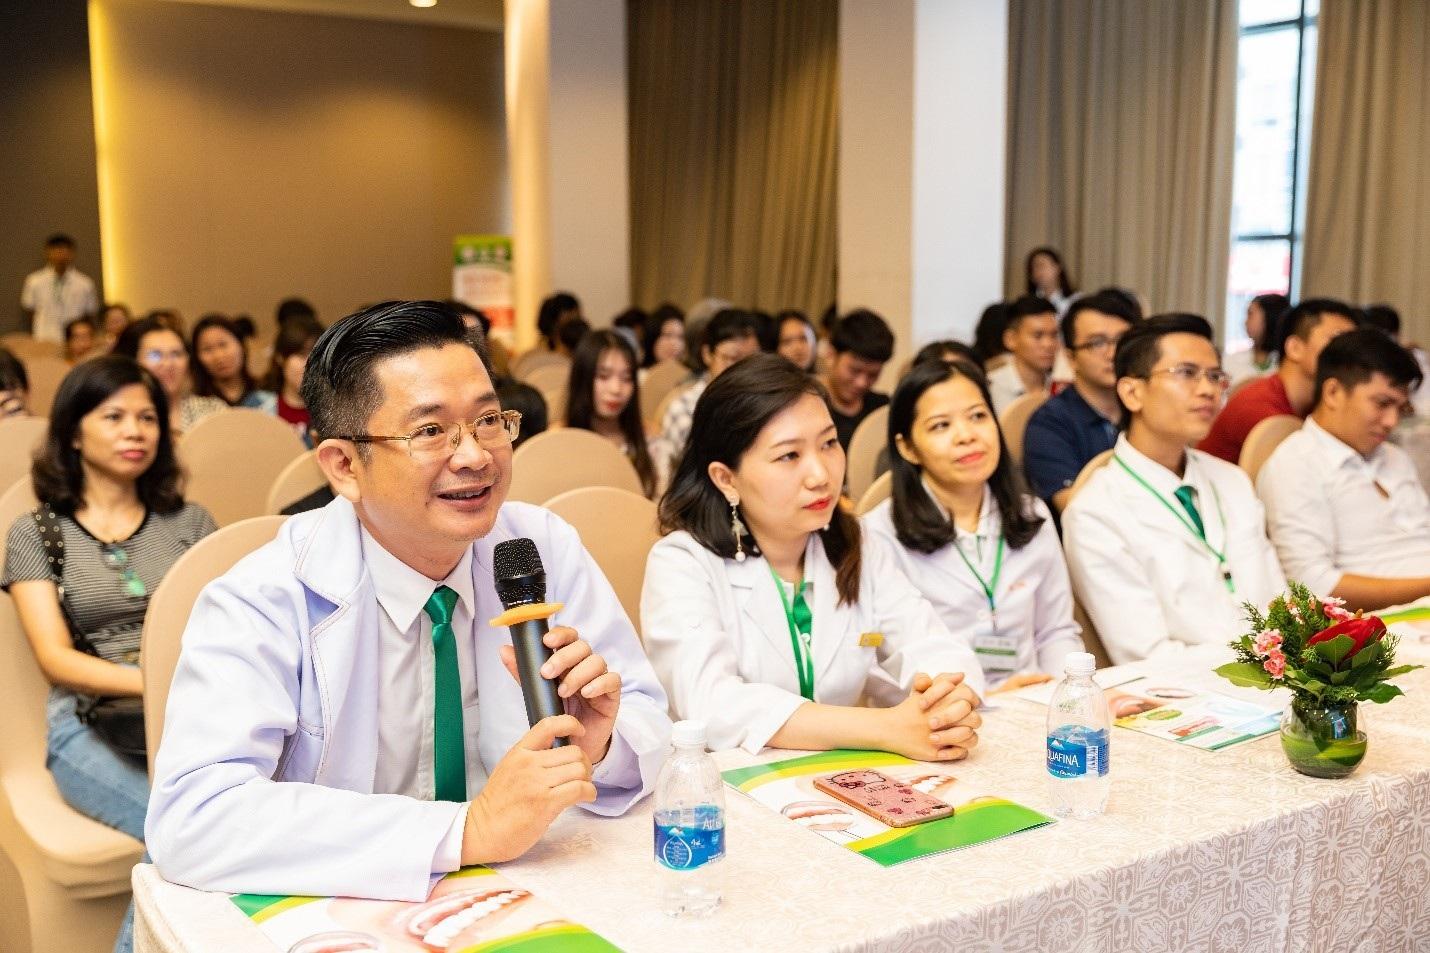 68 người sẽ được cắm Implant miễn phí trong hội thảo Implant Hàn Quốc - 4